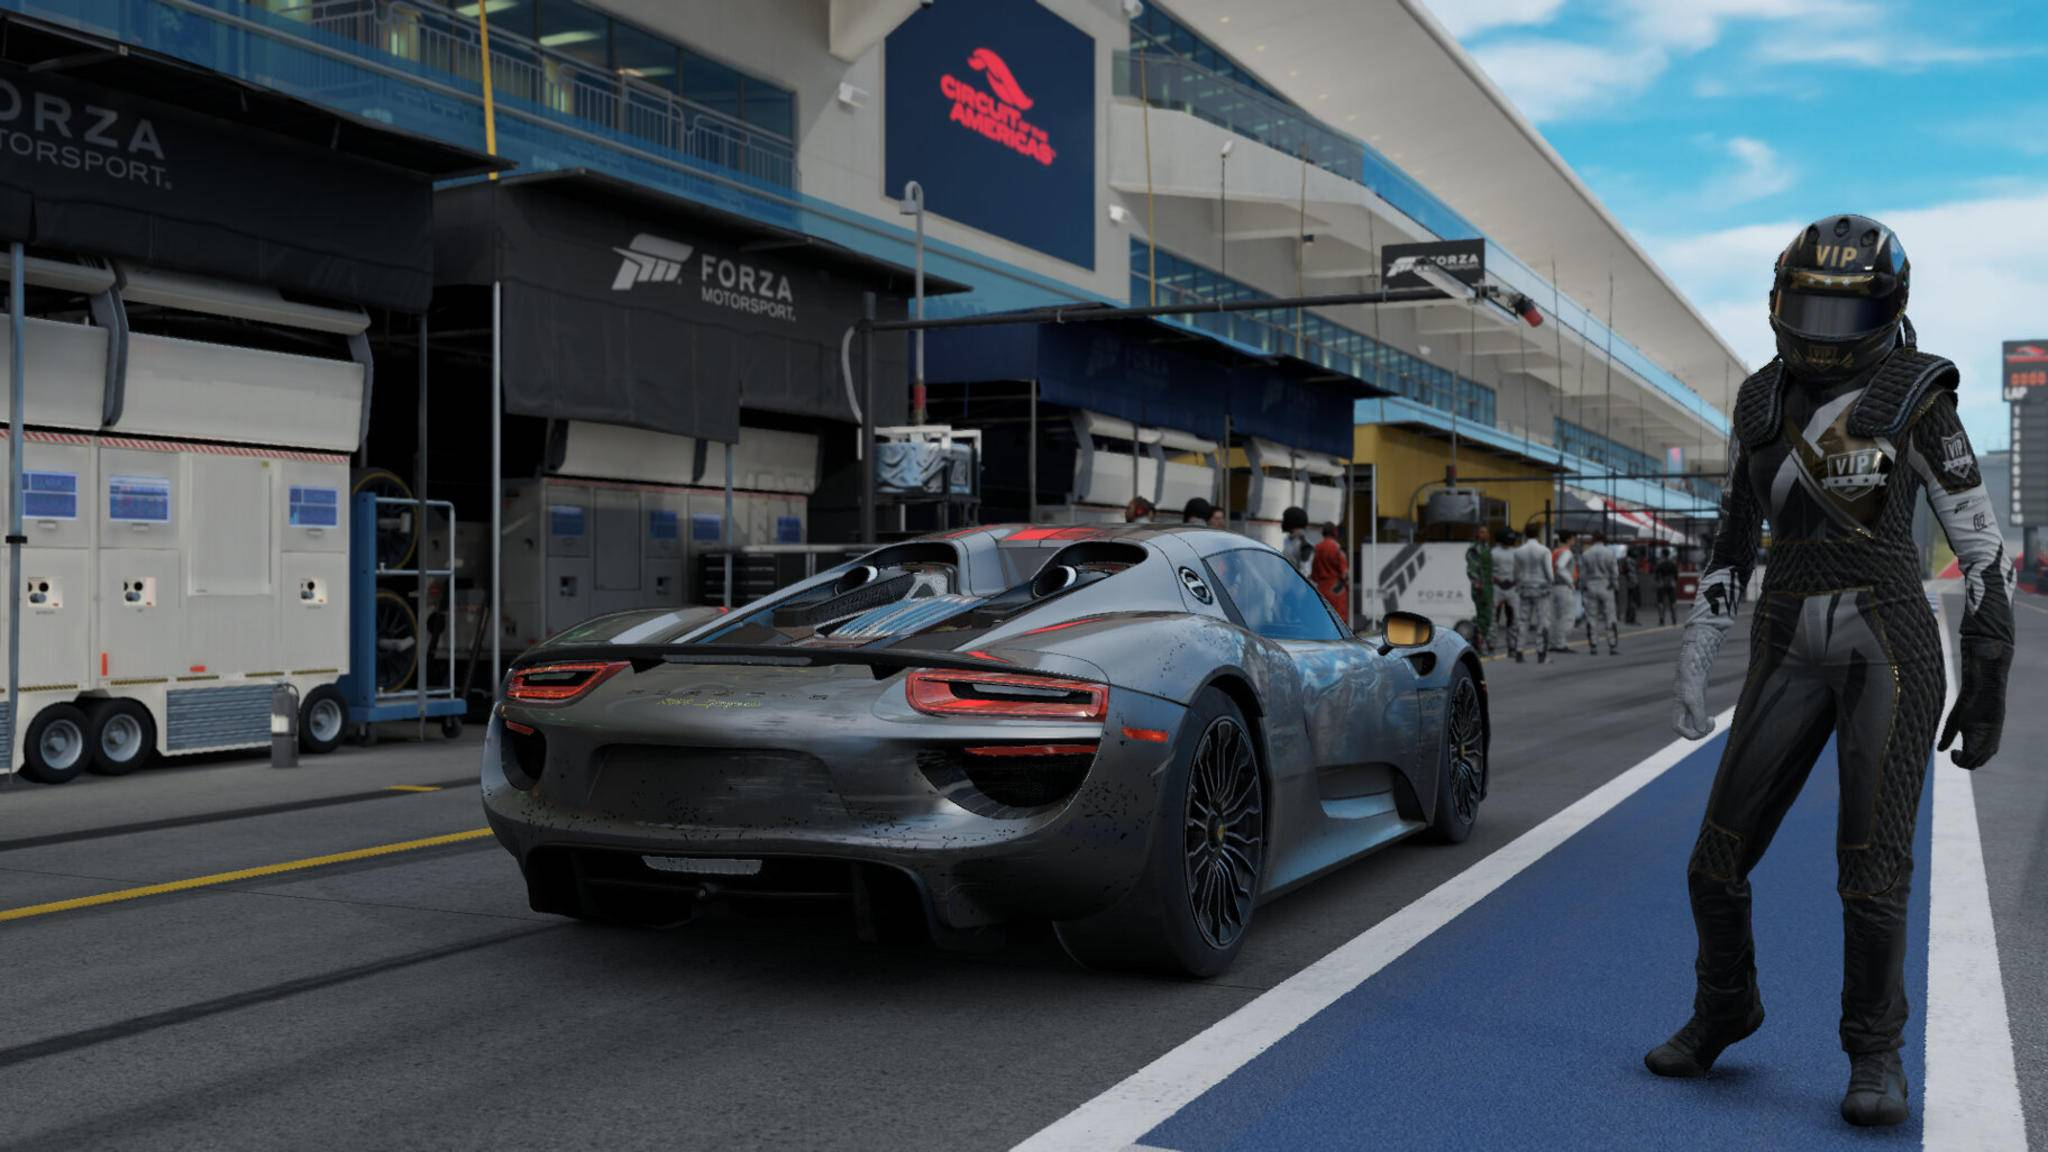 """Auf """"Forza Motorsport 8"""" wirst du noch warten müssen, dafür gibt es in """"Forza Motorsport 7"""" regelmäßig neue Inhalte."""